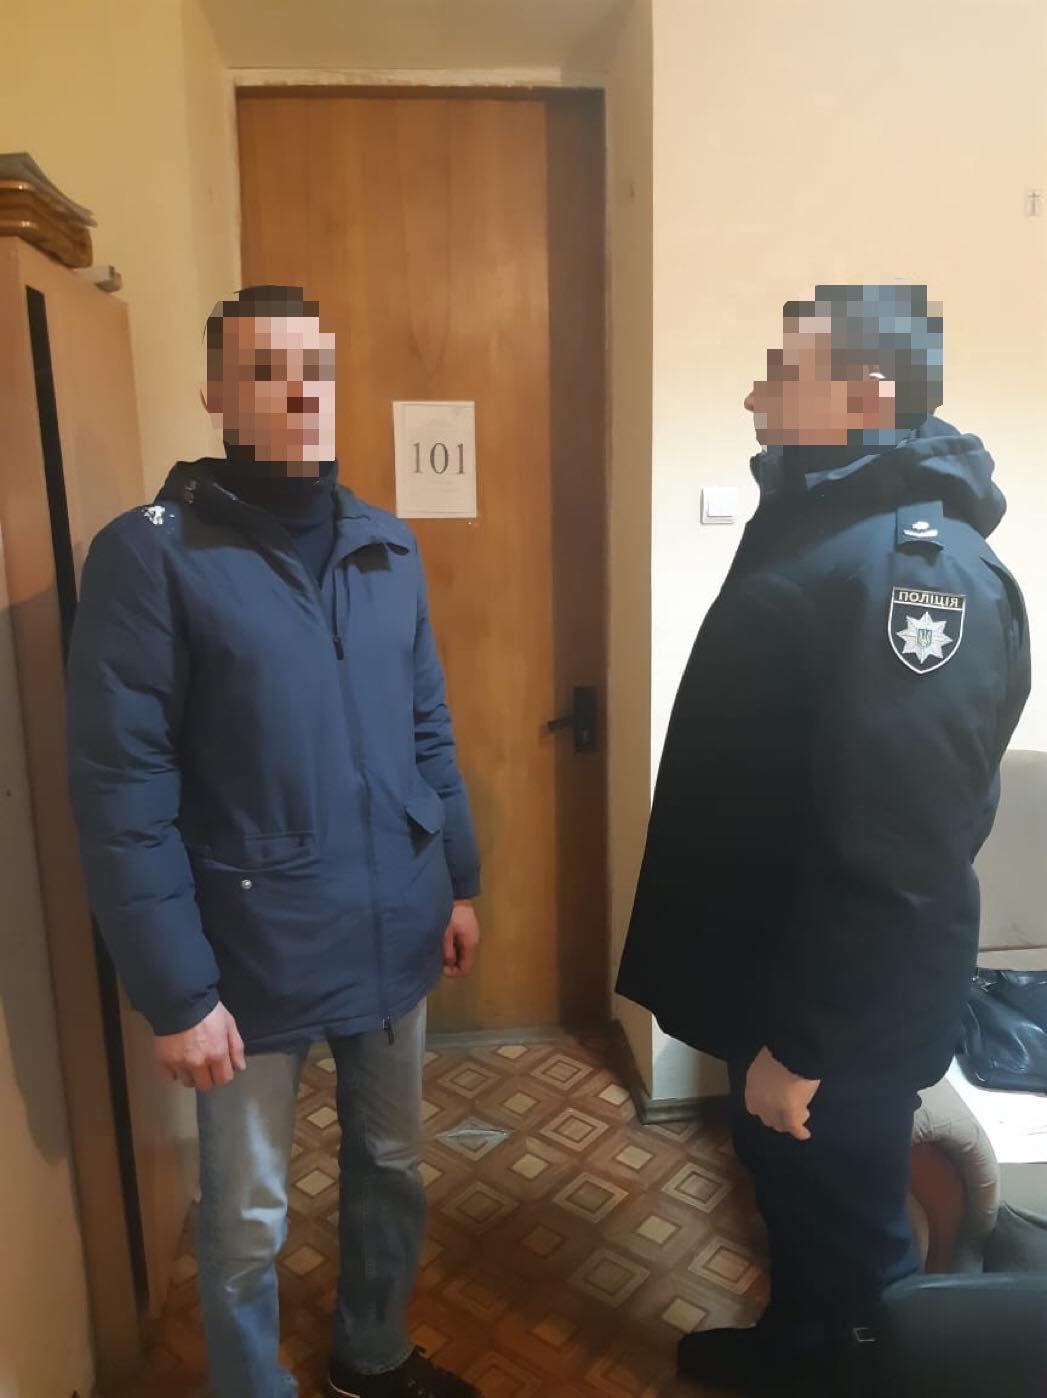 Жалоба та розслідування: що відомо про пожежу у будинку з літніми людьми у Харкові, фото-2